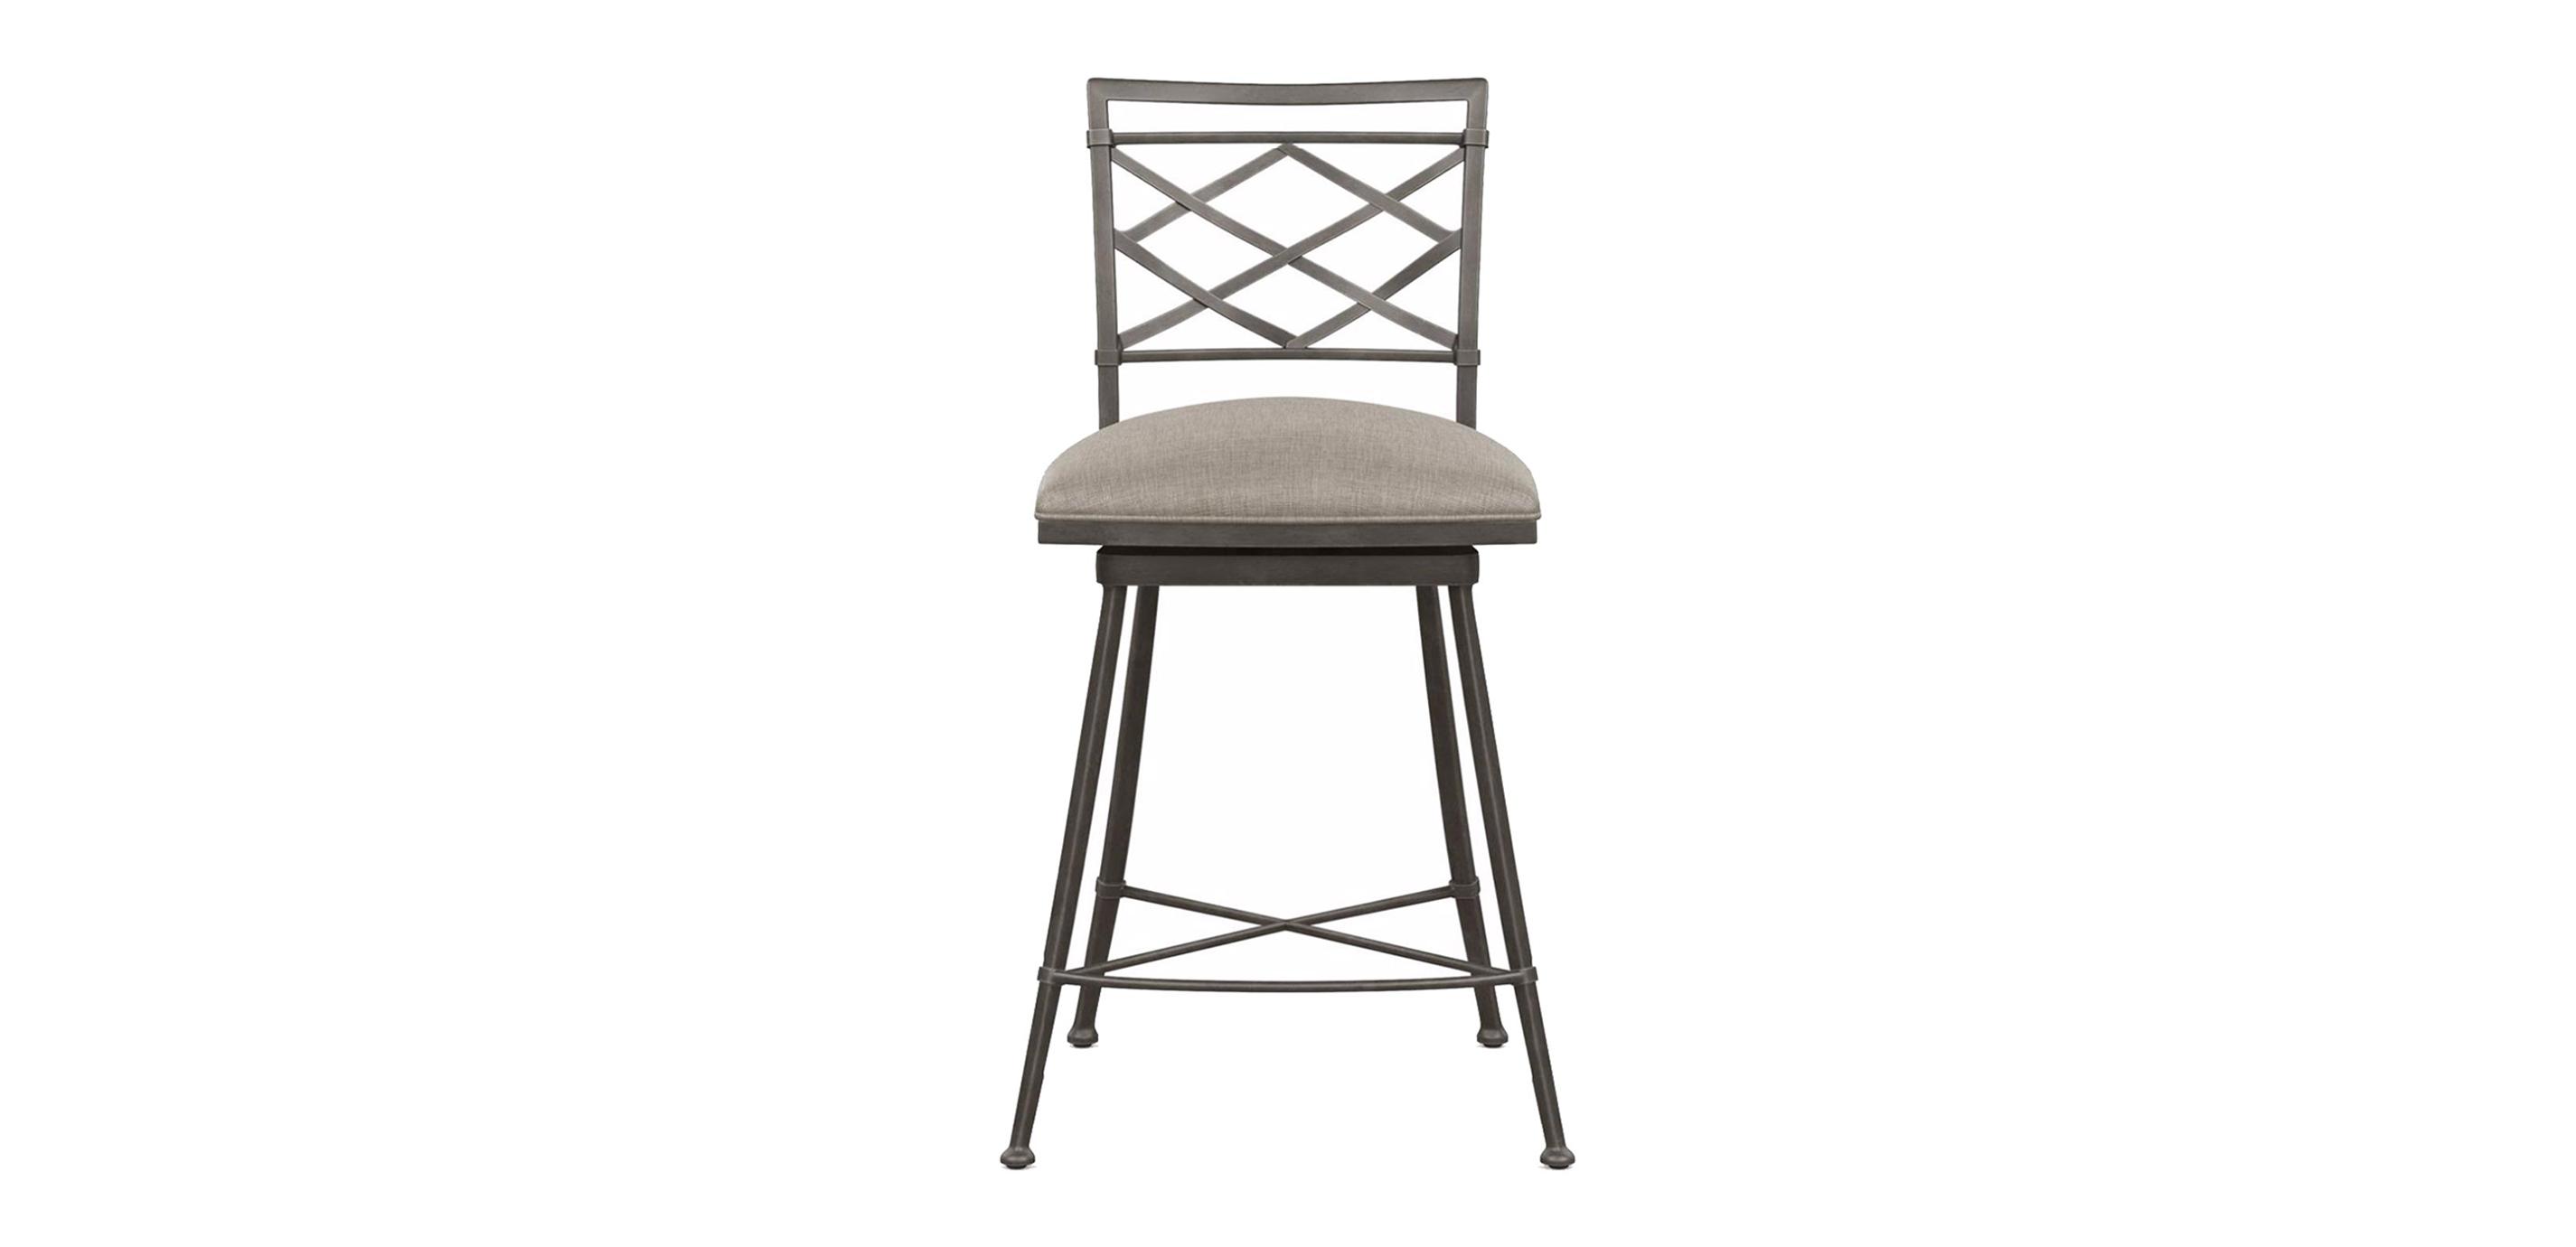 becker swivel counter stool bar